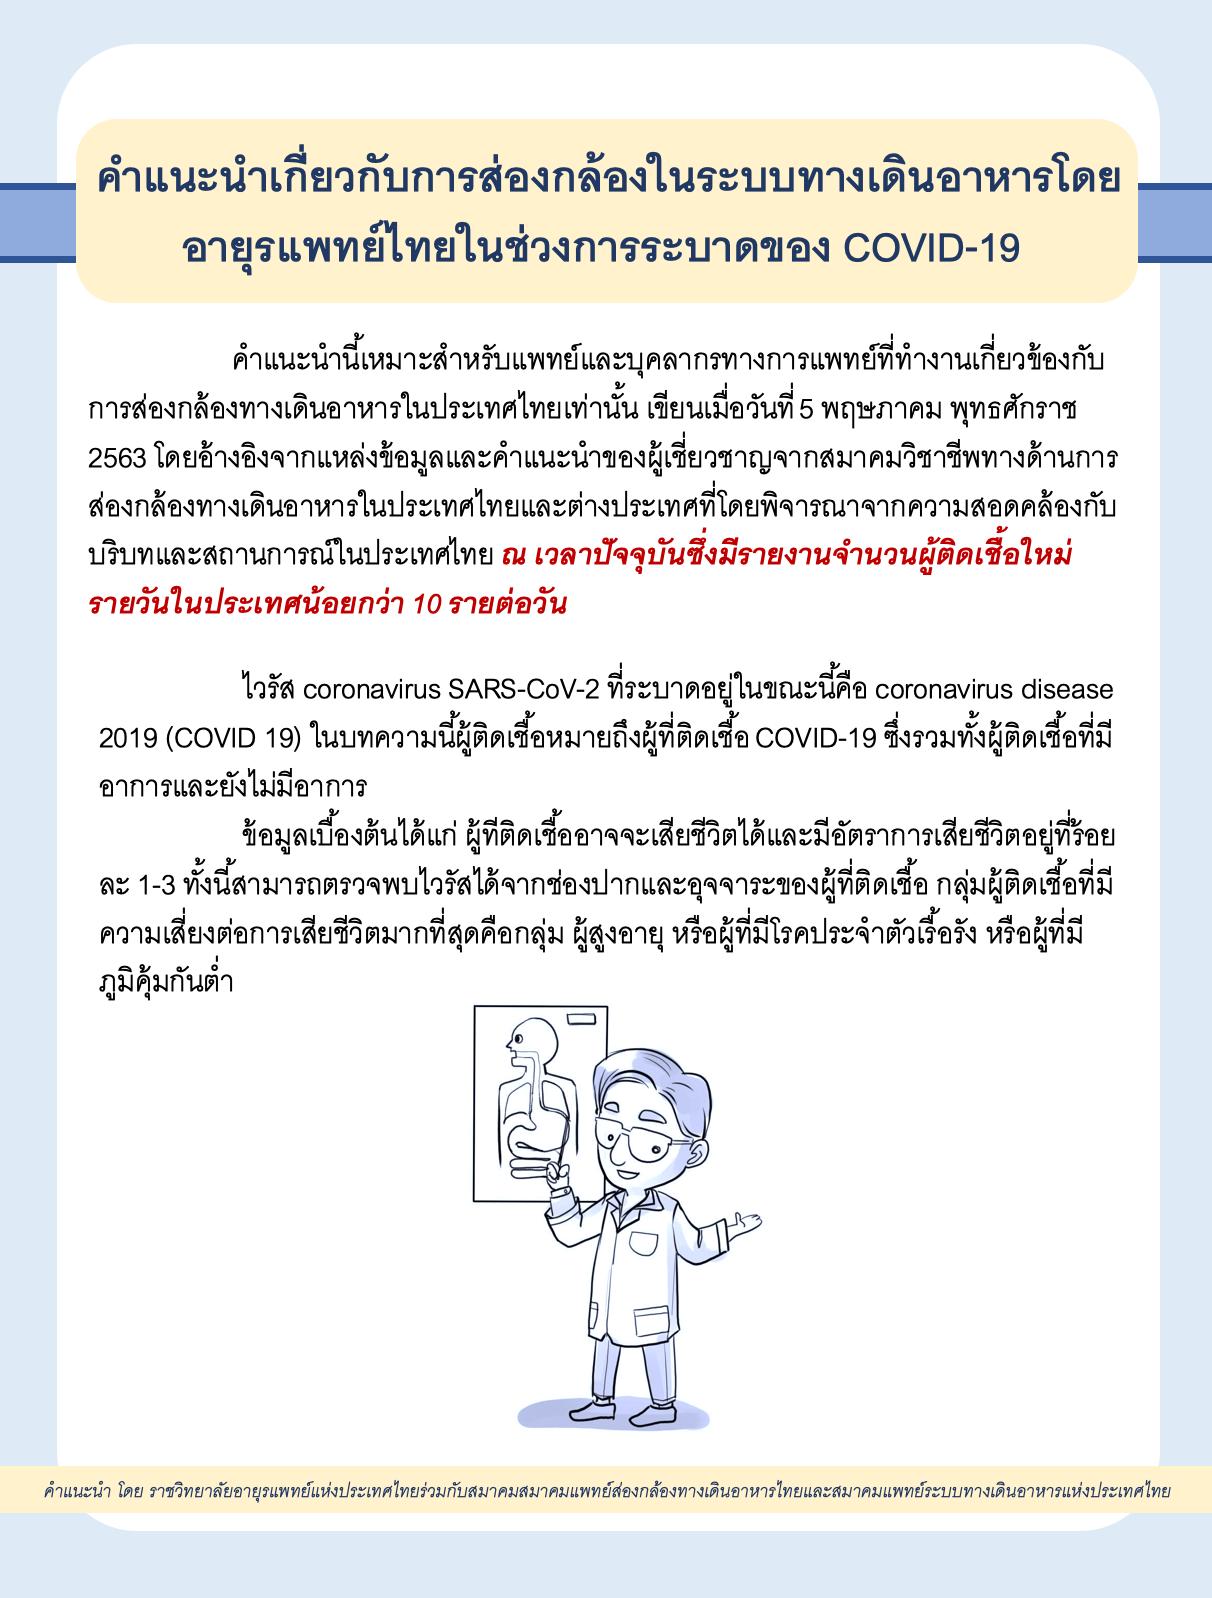 คำแนะนำเกี่ยวกับการส่องกล้องในระบบทางเดินอาหารโดยอายุรแพทย์ไทยในช่วงการระบาดของ  COVID-19 โดย ราชวิทยาลัยอายุรแพทย์แห่งประเทศไทย ร่วมกับสมาคมแพทย์ส่องกล้องทางเดินอาหารไทย และสมาคมแพทย์ระบบทางเดินอาหารแห่งประเทศไทย